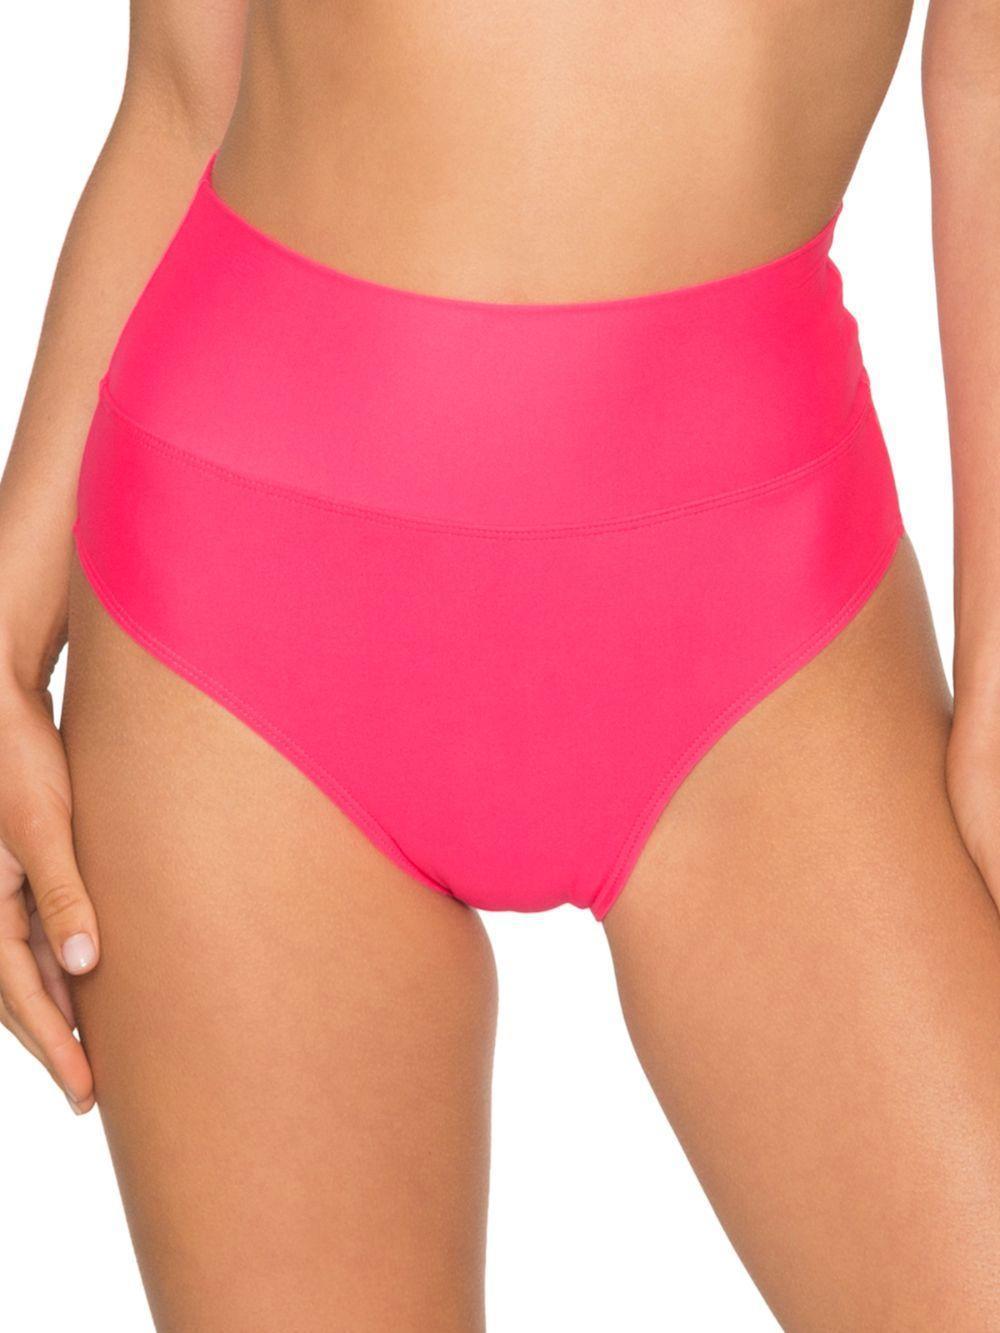 b89cb5a0d4b47 Sunsets Fold Over High Waisted Bikini Bottom in Pink - Lyst